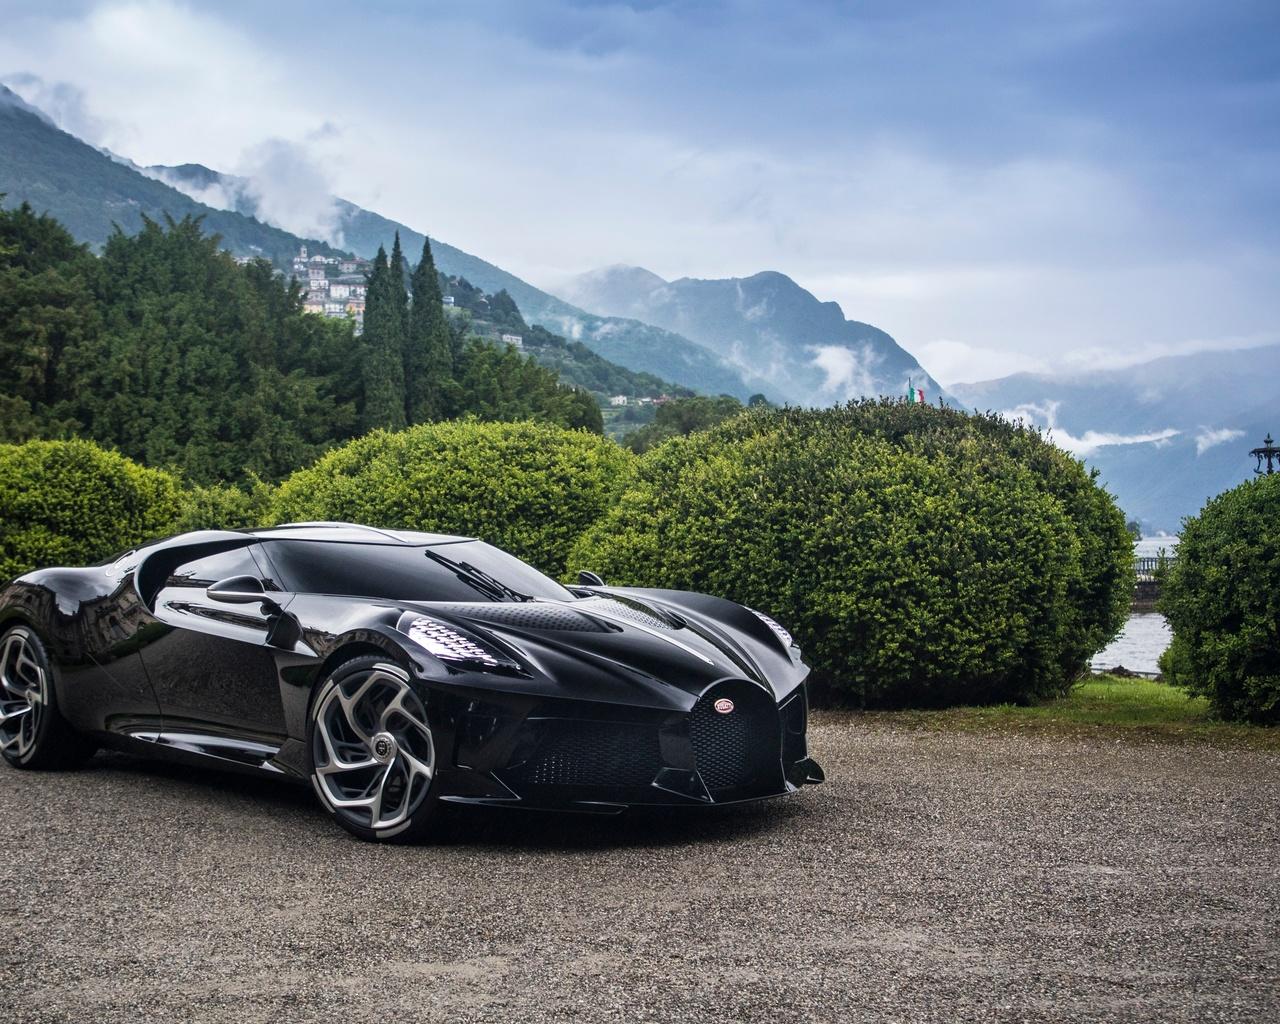 bugatti, суперкар, la voiture noire, горы